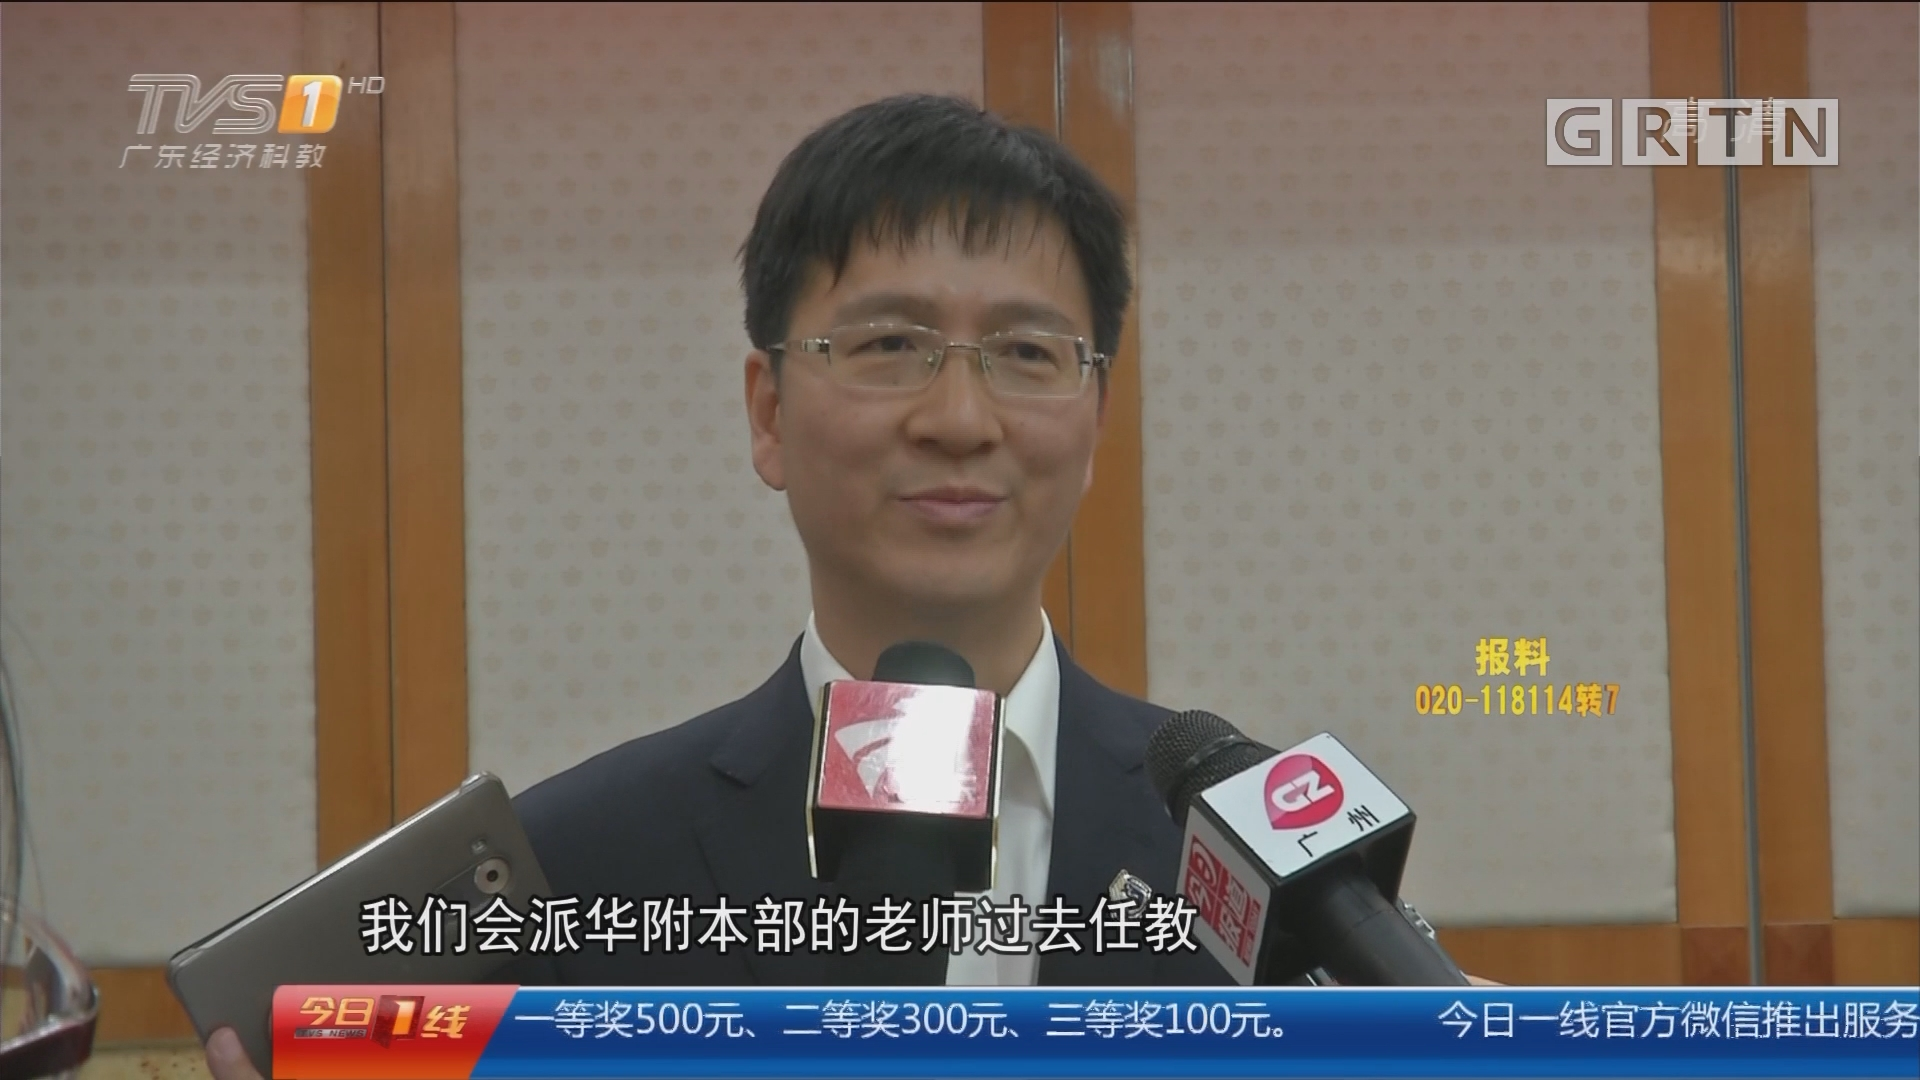 广州:华附复办公办初中 今年招收三个班